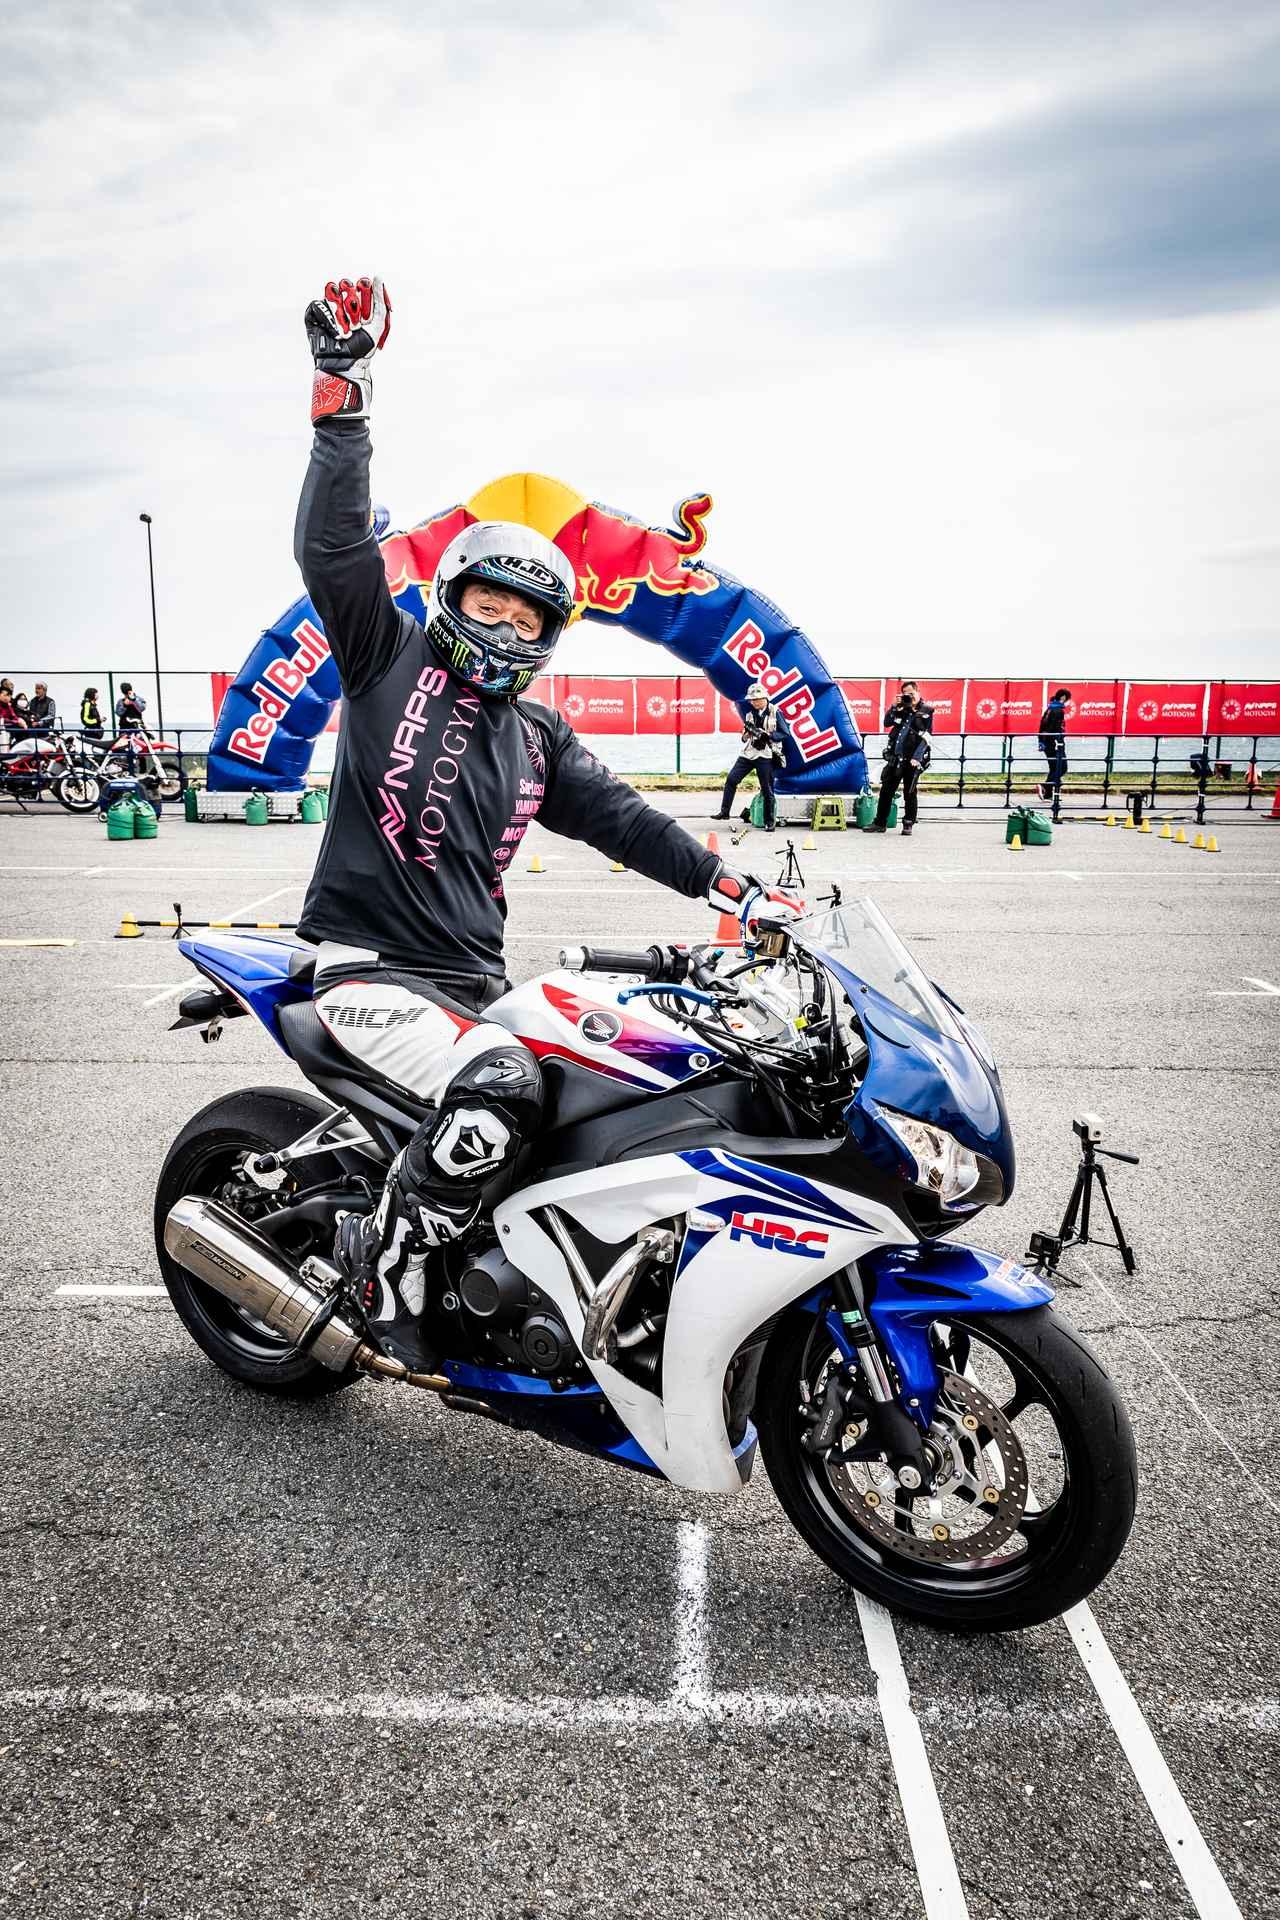 Images : 44番目の画像 - 「50枚以上の厳選写真!「NAPS MOTOGYM」フォトレポート!」のアルバム - webオートバイ